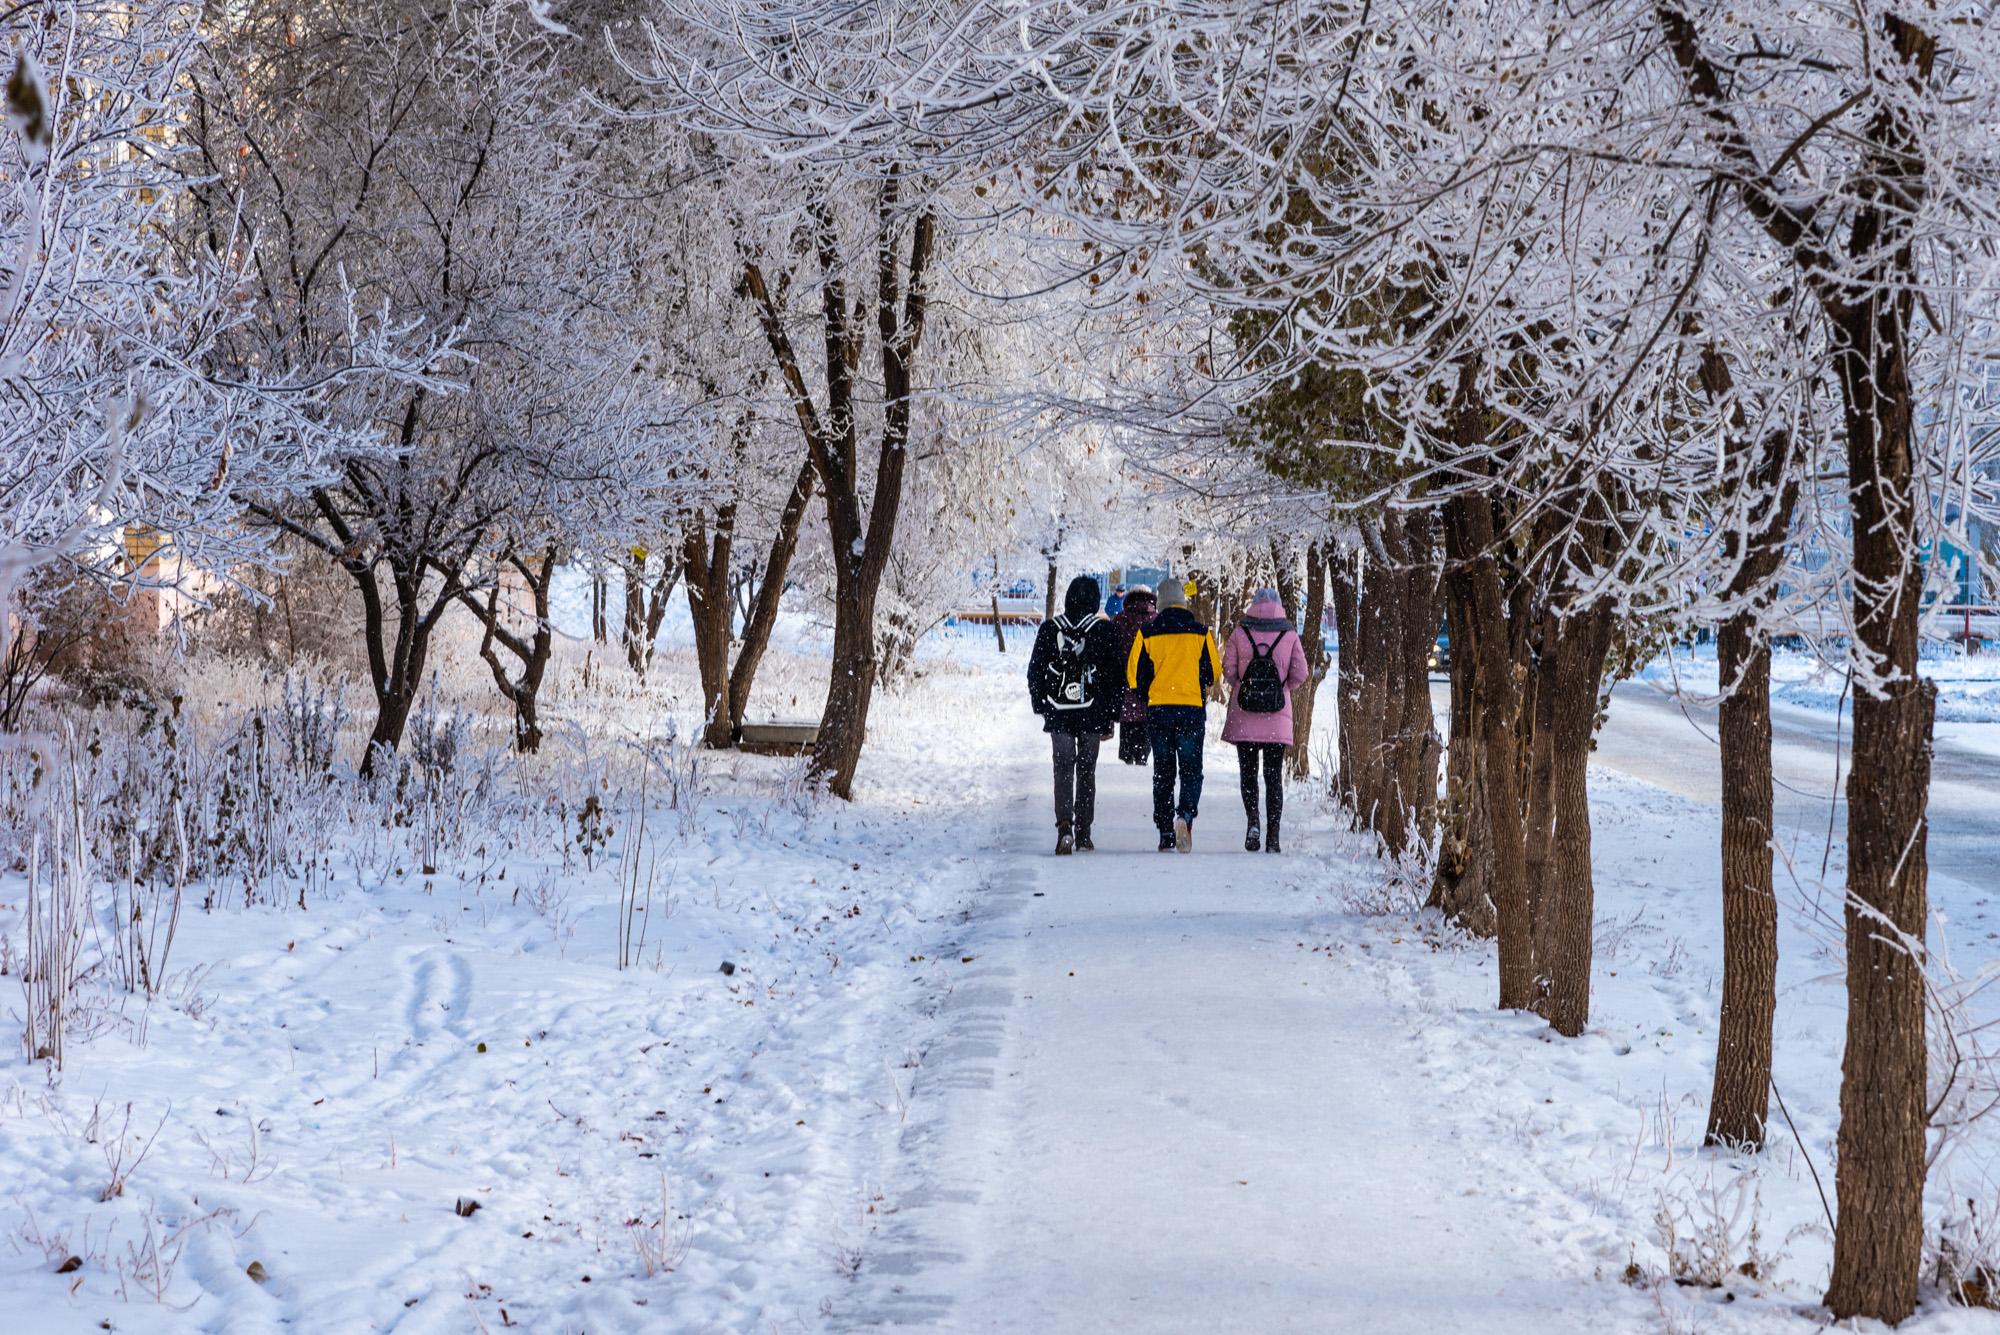 зимняя городская фотография